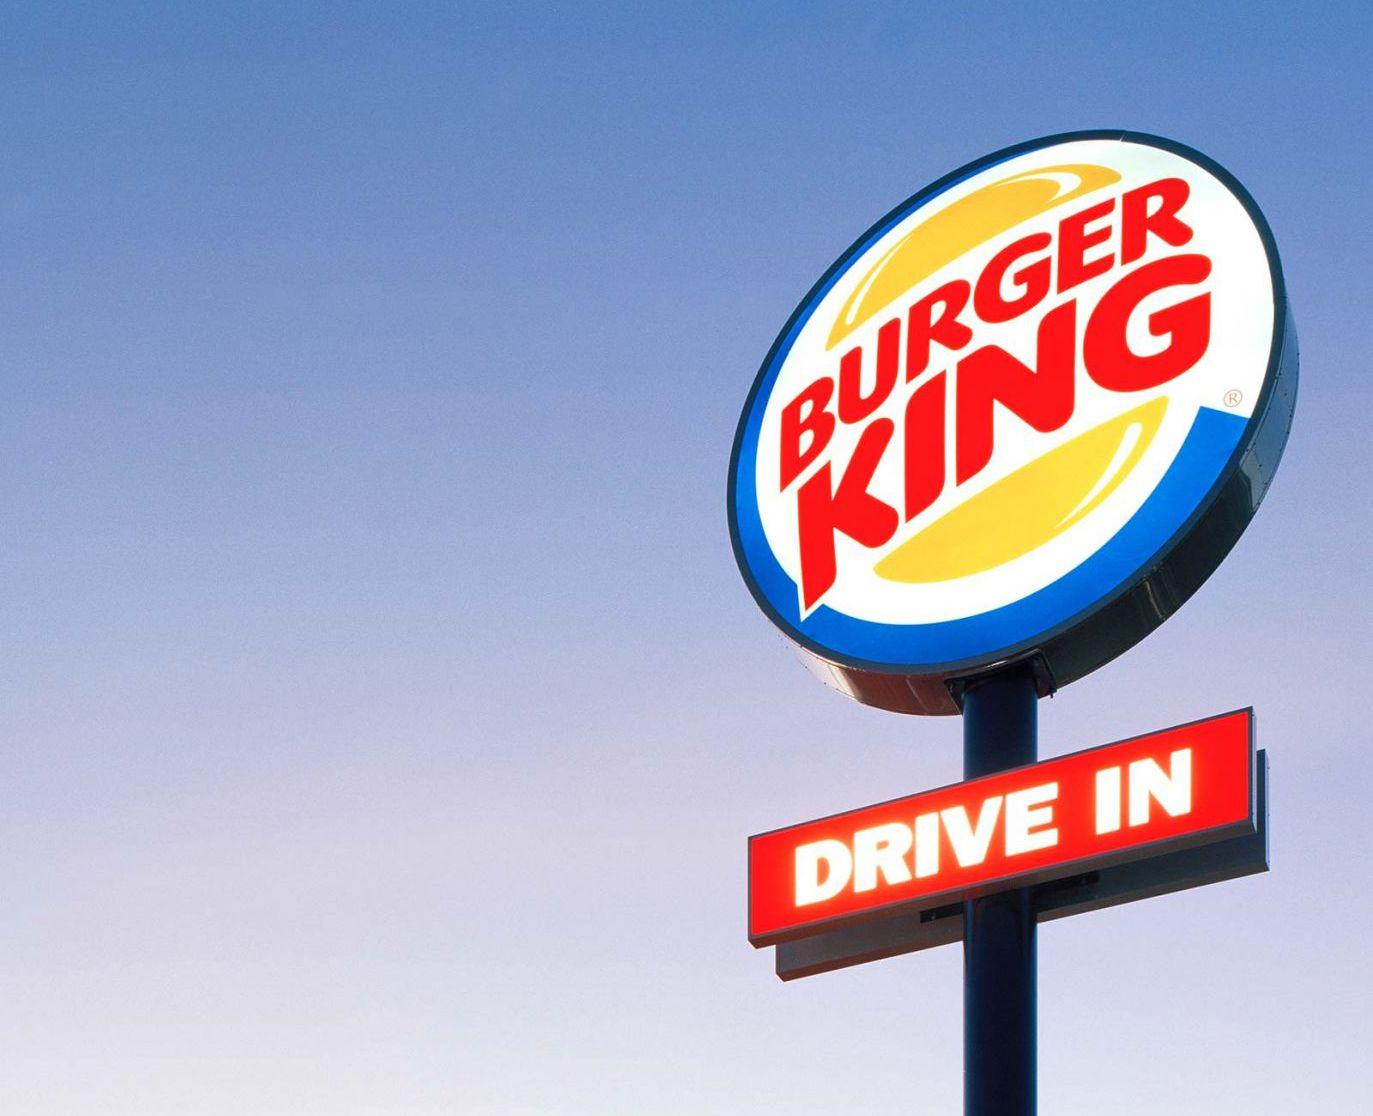 WB_GW_BurgerKing2-fca9875c.jpg